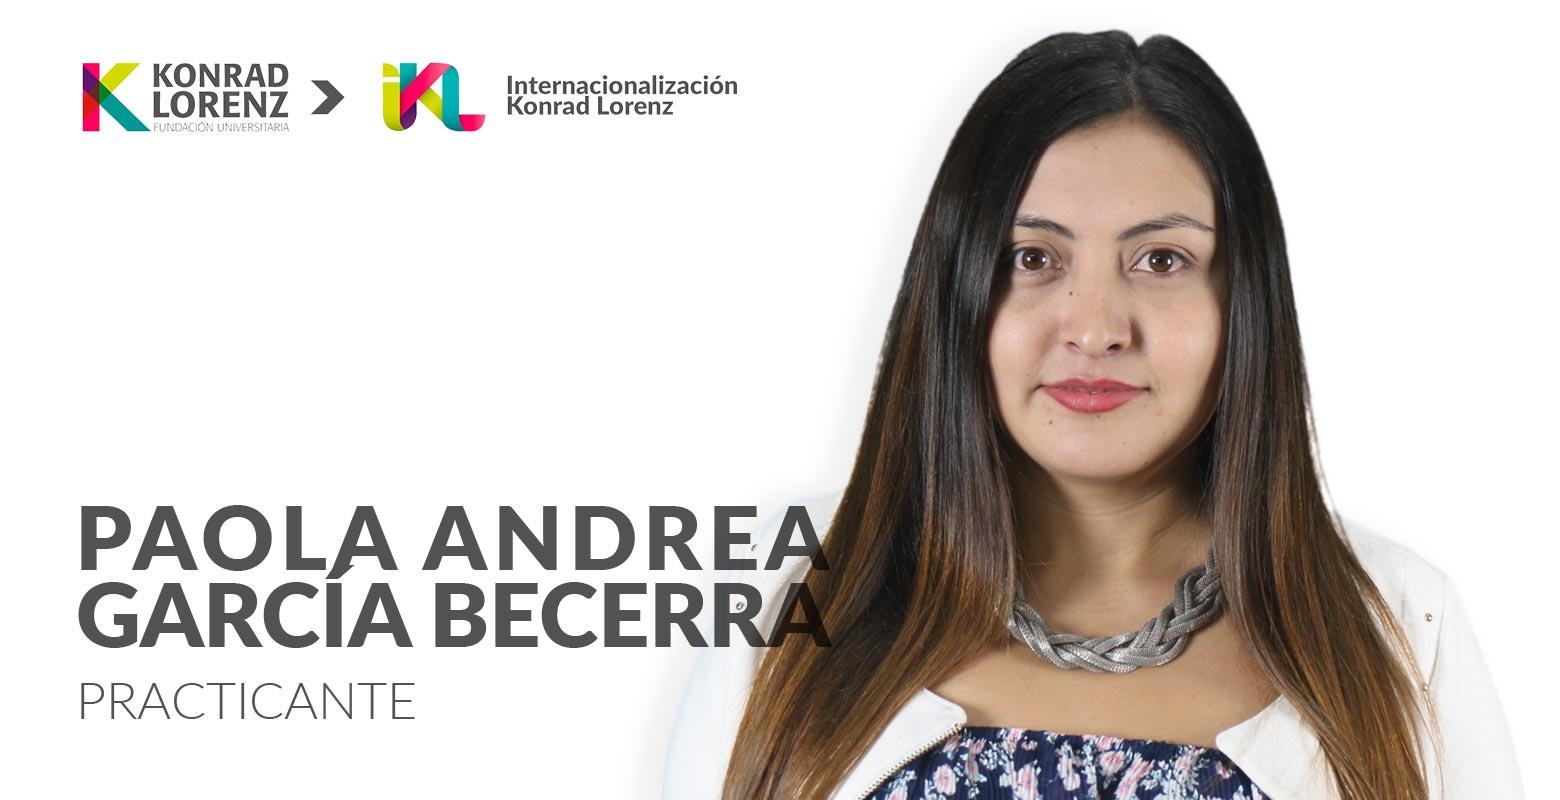 Paola Andrea García